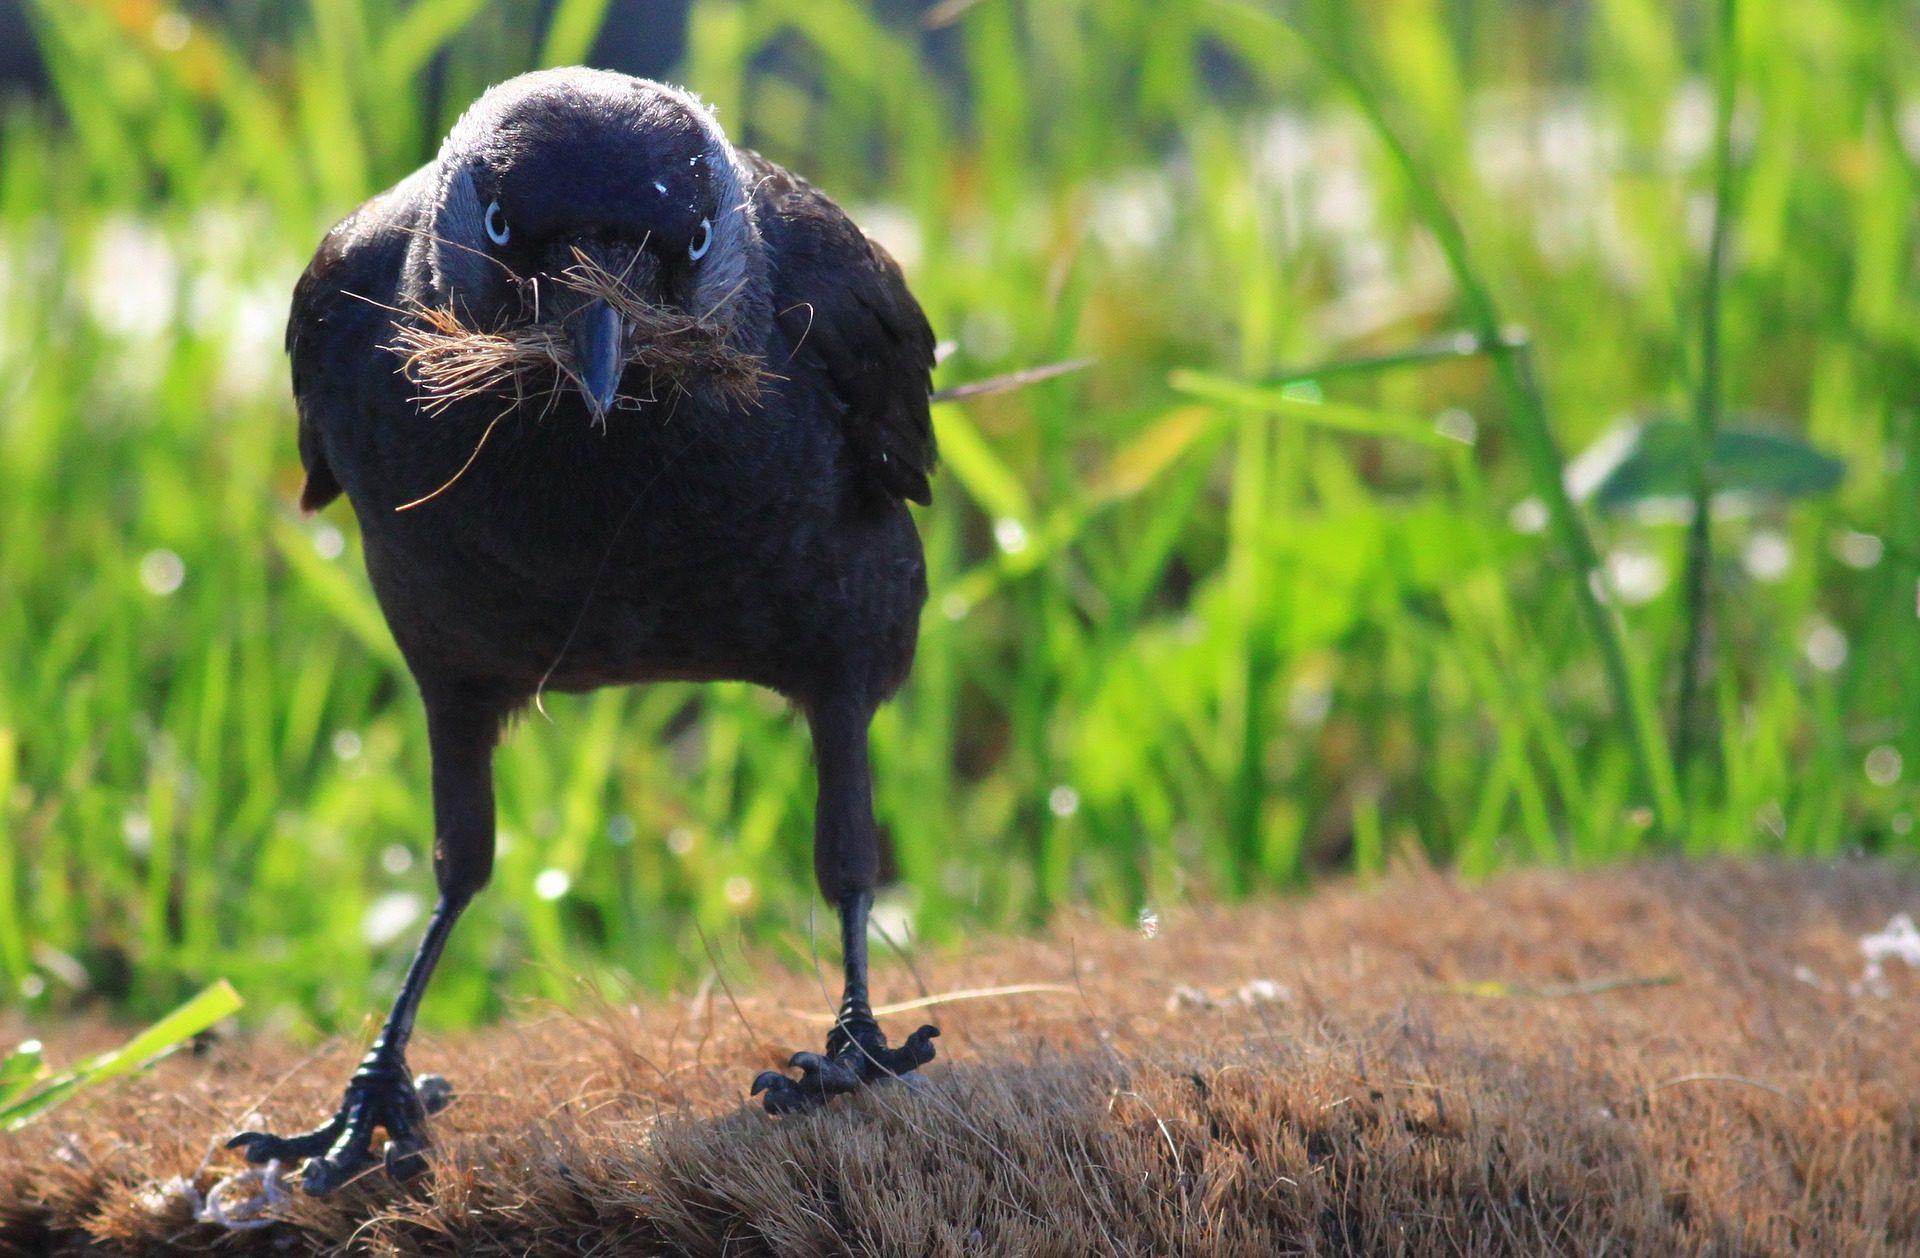 Crow, Oiseau, PIC, paille, domaine, coup d'oeil - Fonds d'écran HD - Professor-falken.com